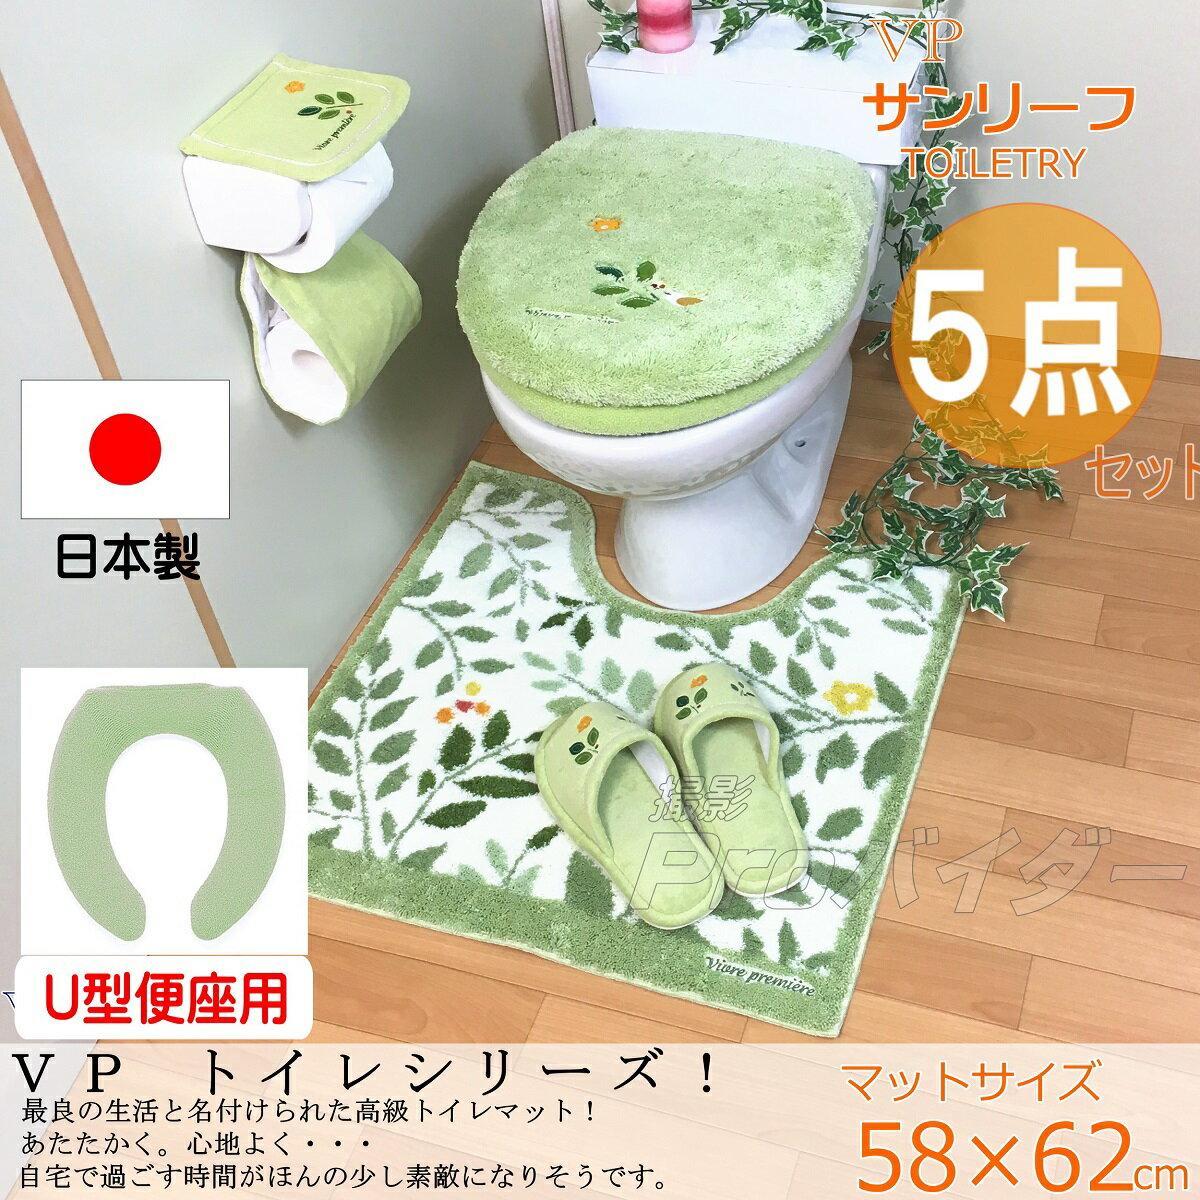 おしゃれ トイレマット セット 5点 U型便座カバー 洗浄暖房・普通便座共用型 グリーン 北欧 かわいい 花 緑 フラワー オカ サンリーフ